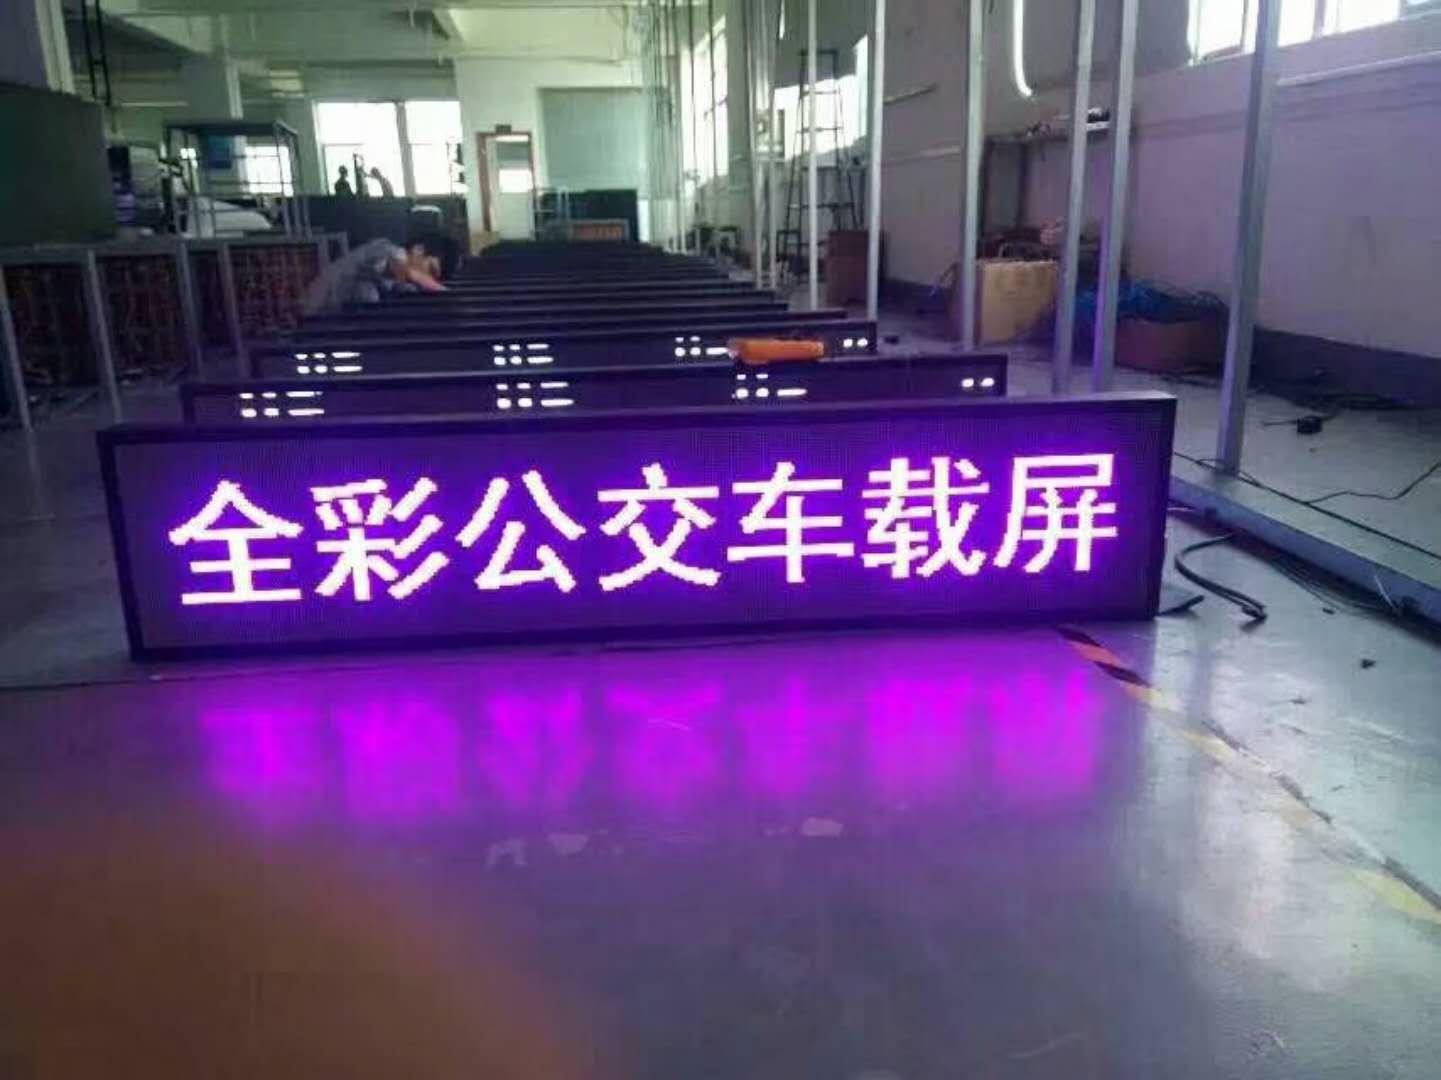 供应公交车3G无线传输LED全彩广告屏公交车LED彩屏